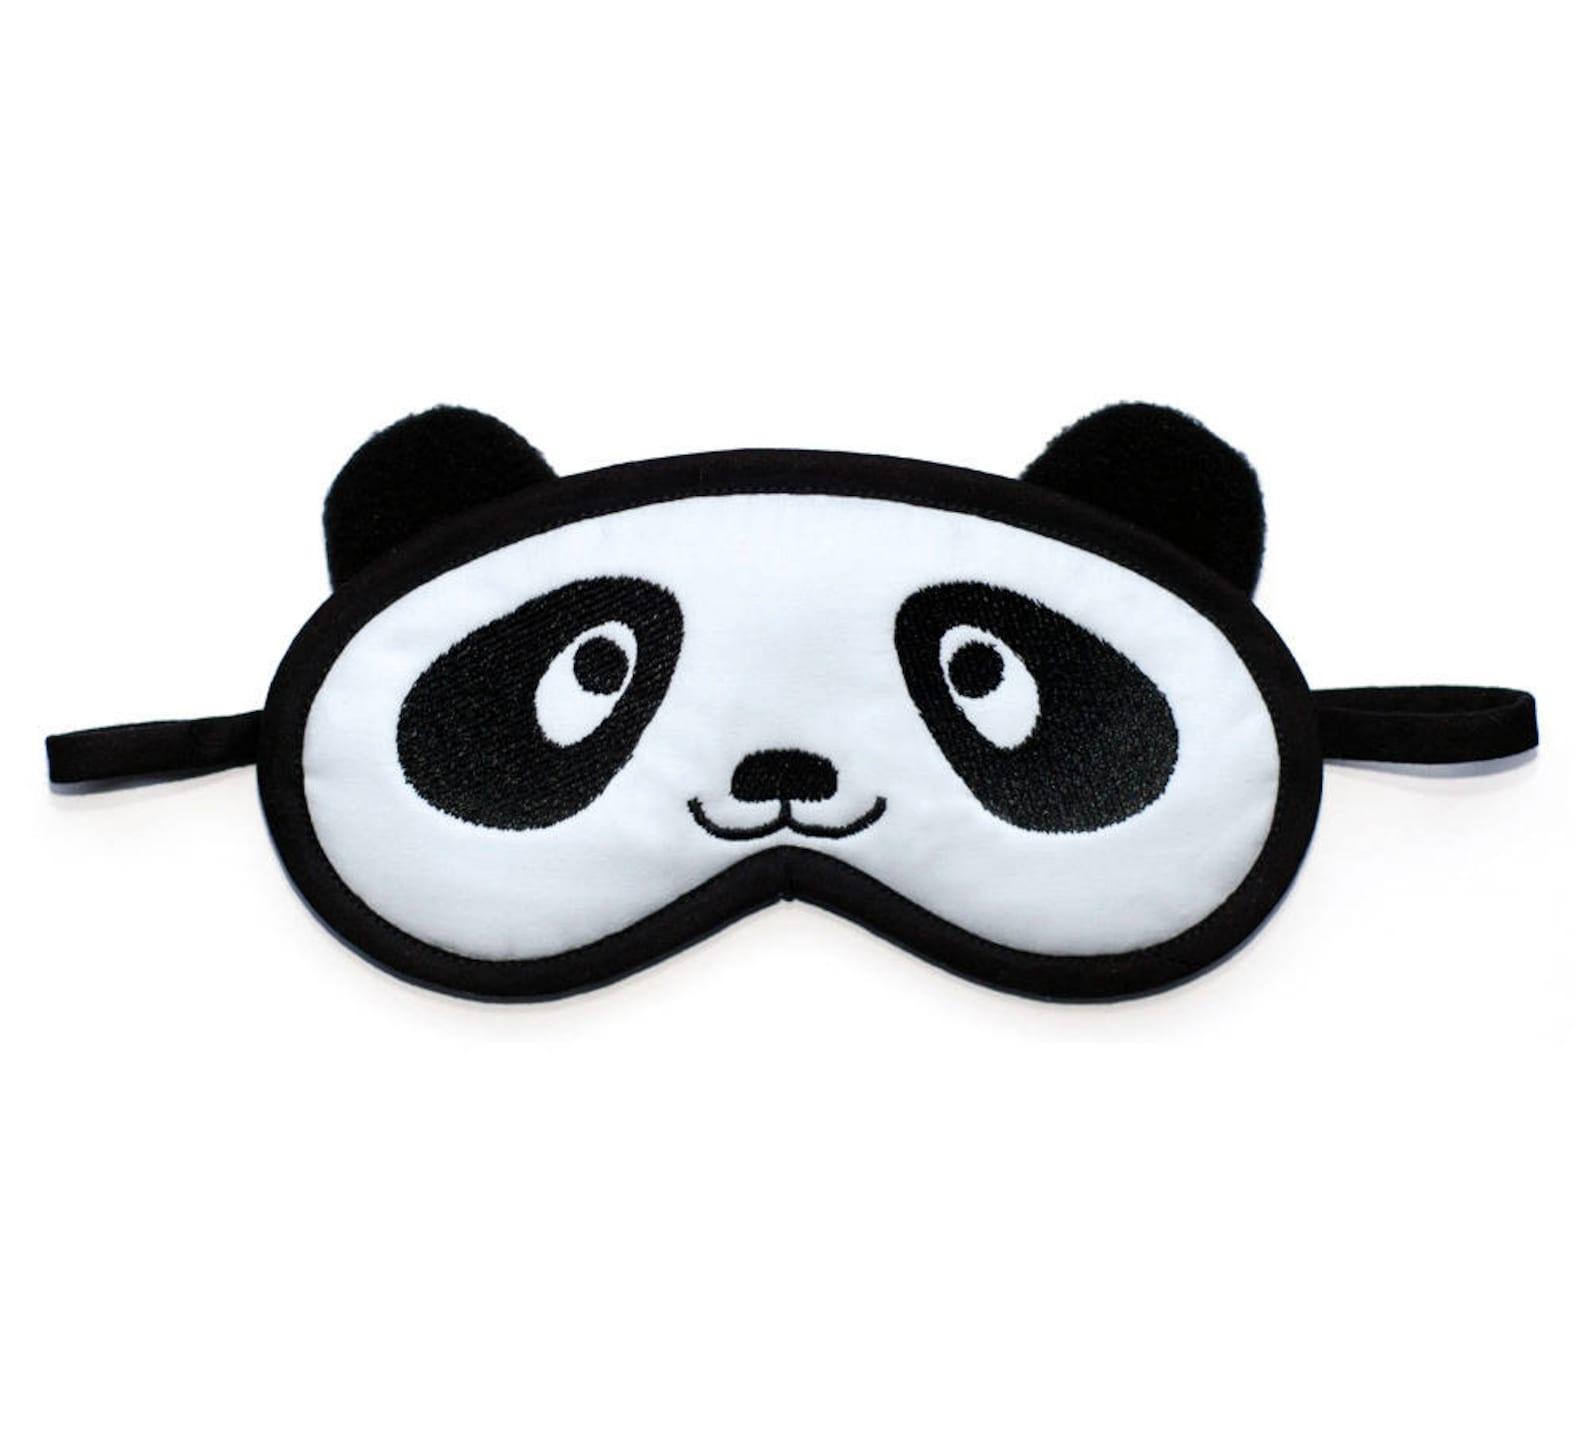 для маска для сна панда картинки это сильно